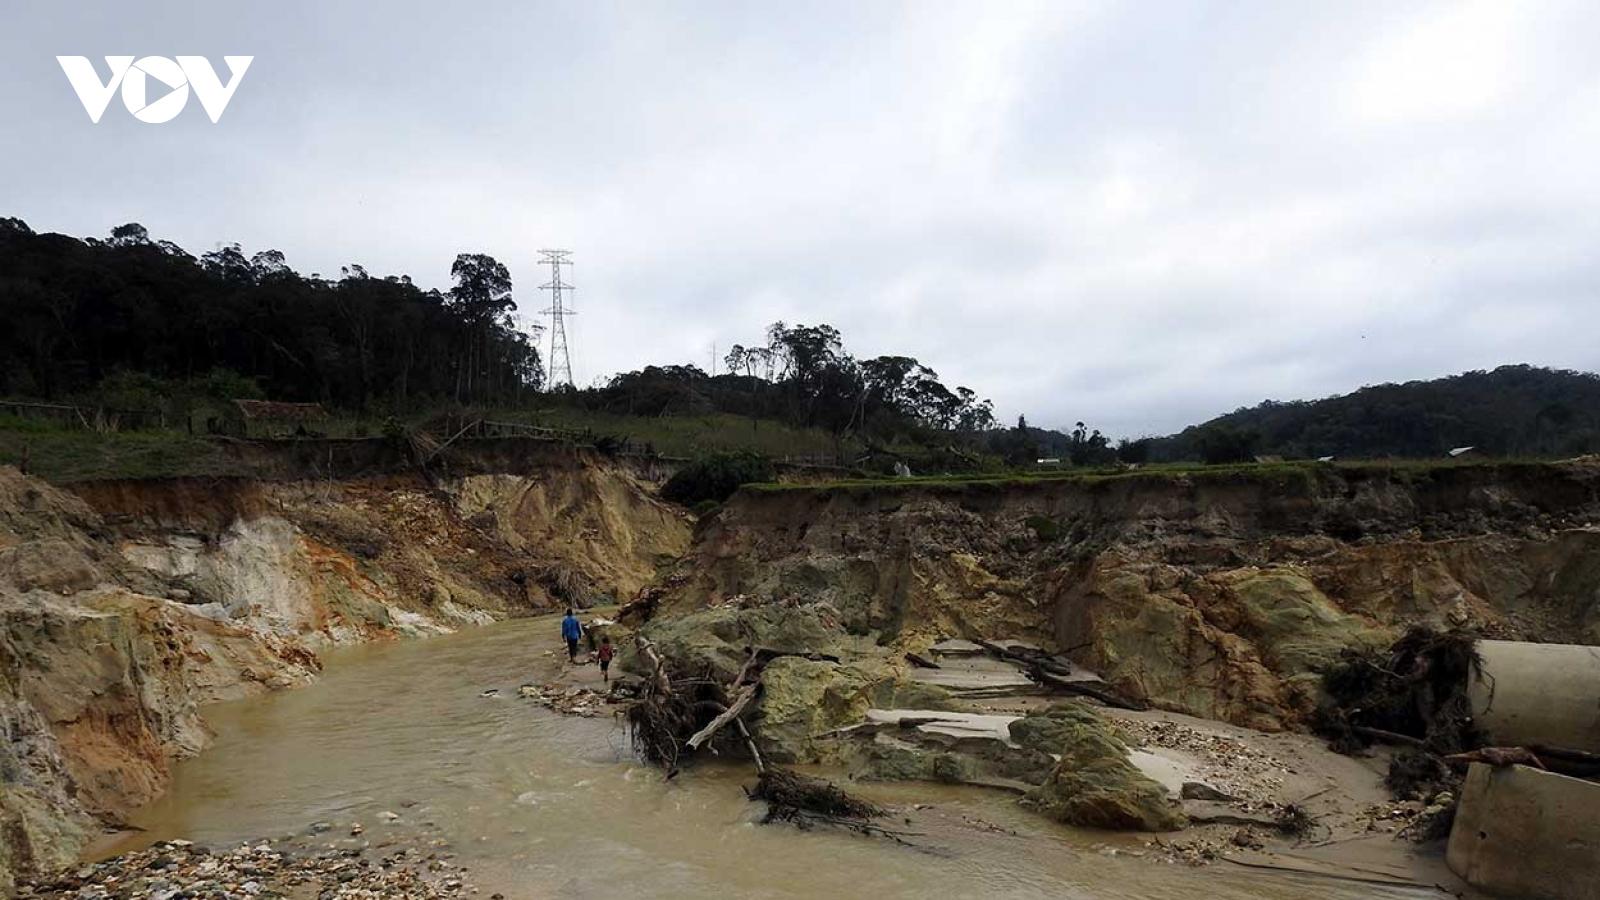 Sau vụ phê duyệt 5 dự án thủy điện trong một ngày, Kon Tum đã làm gì?